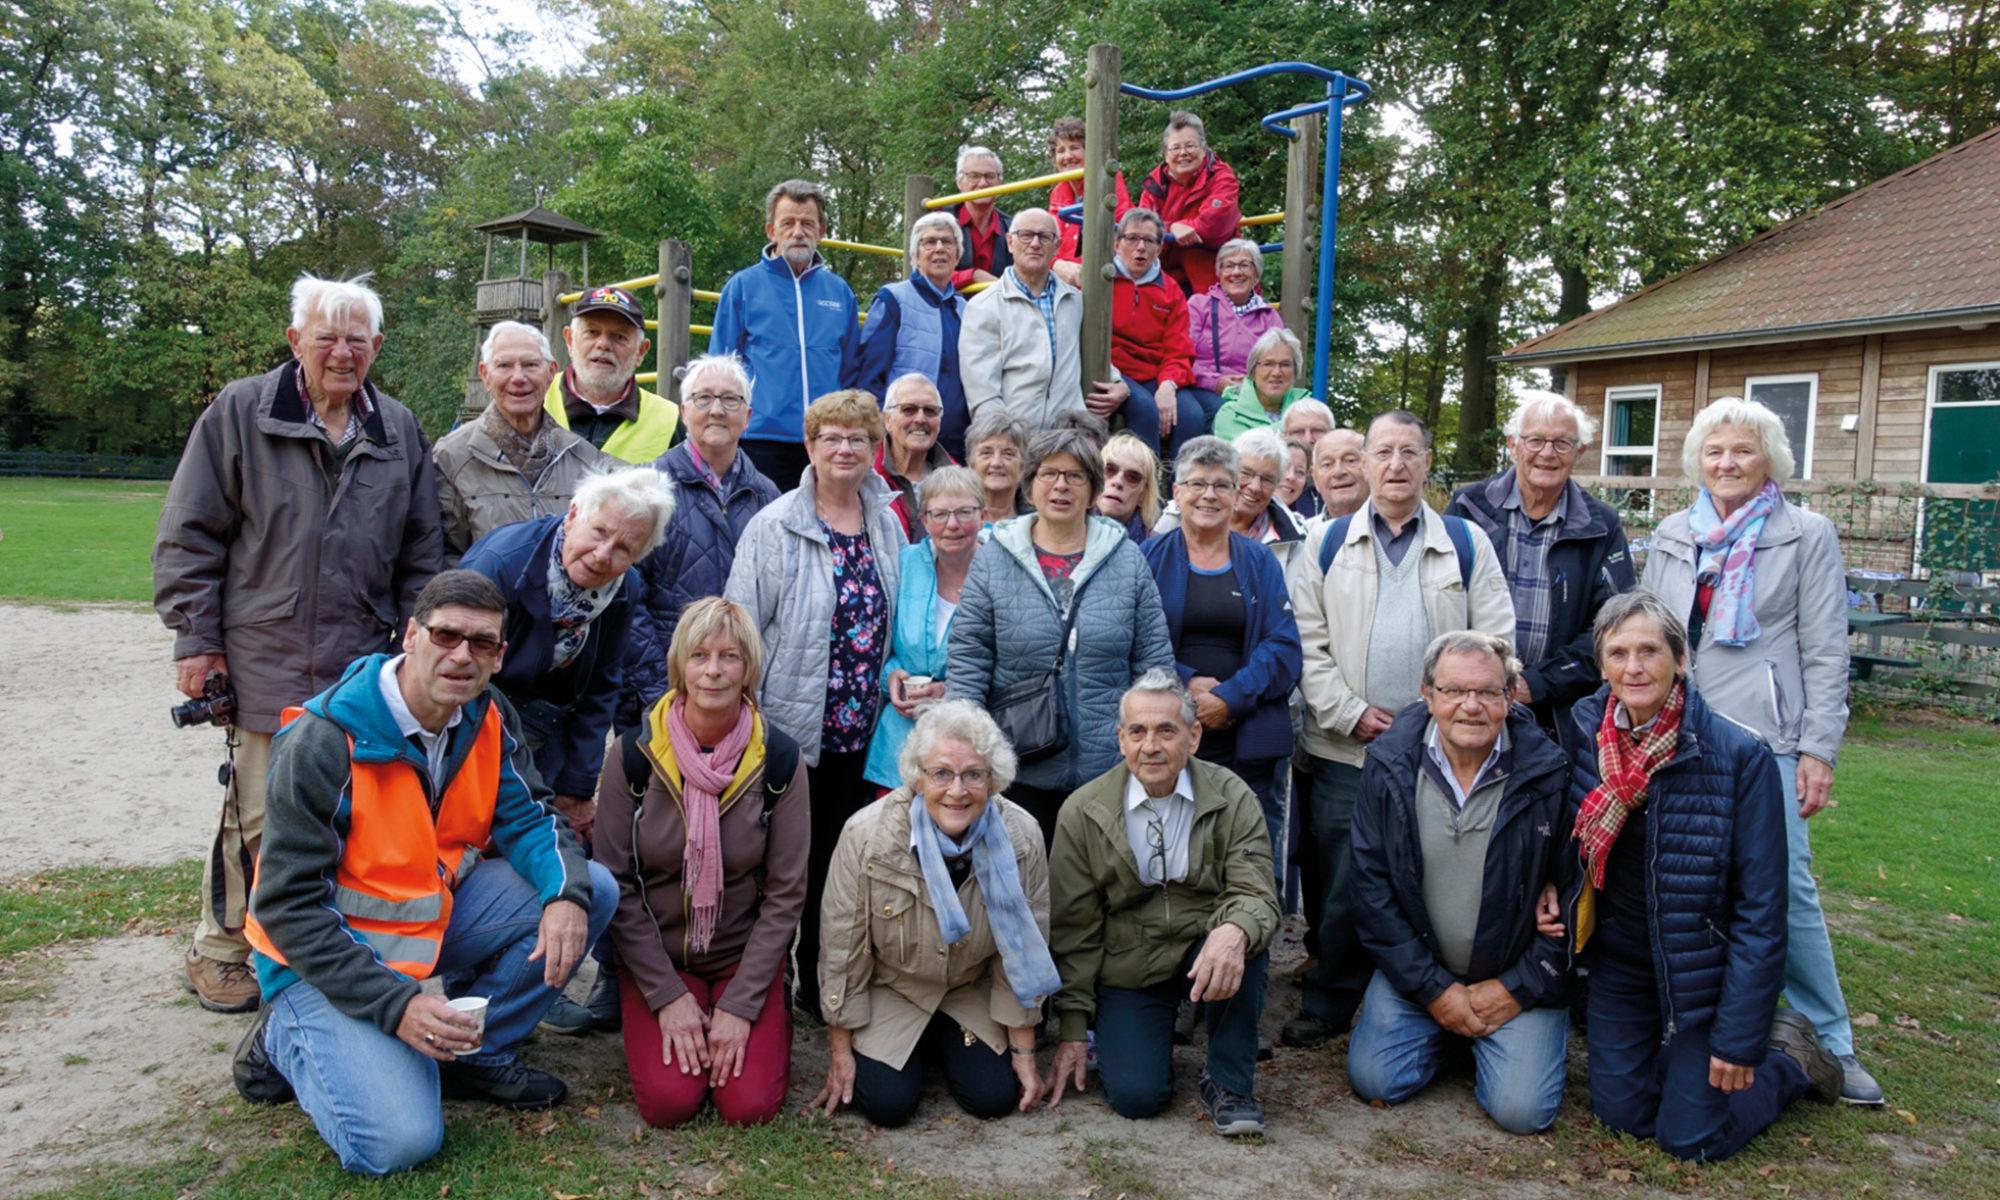 Wandelgroep Het Kristal, Apeldoorn